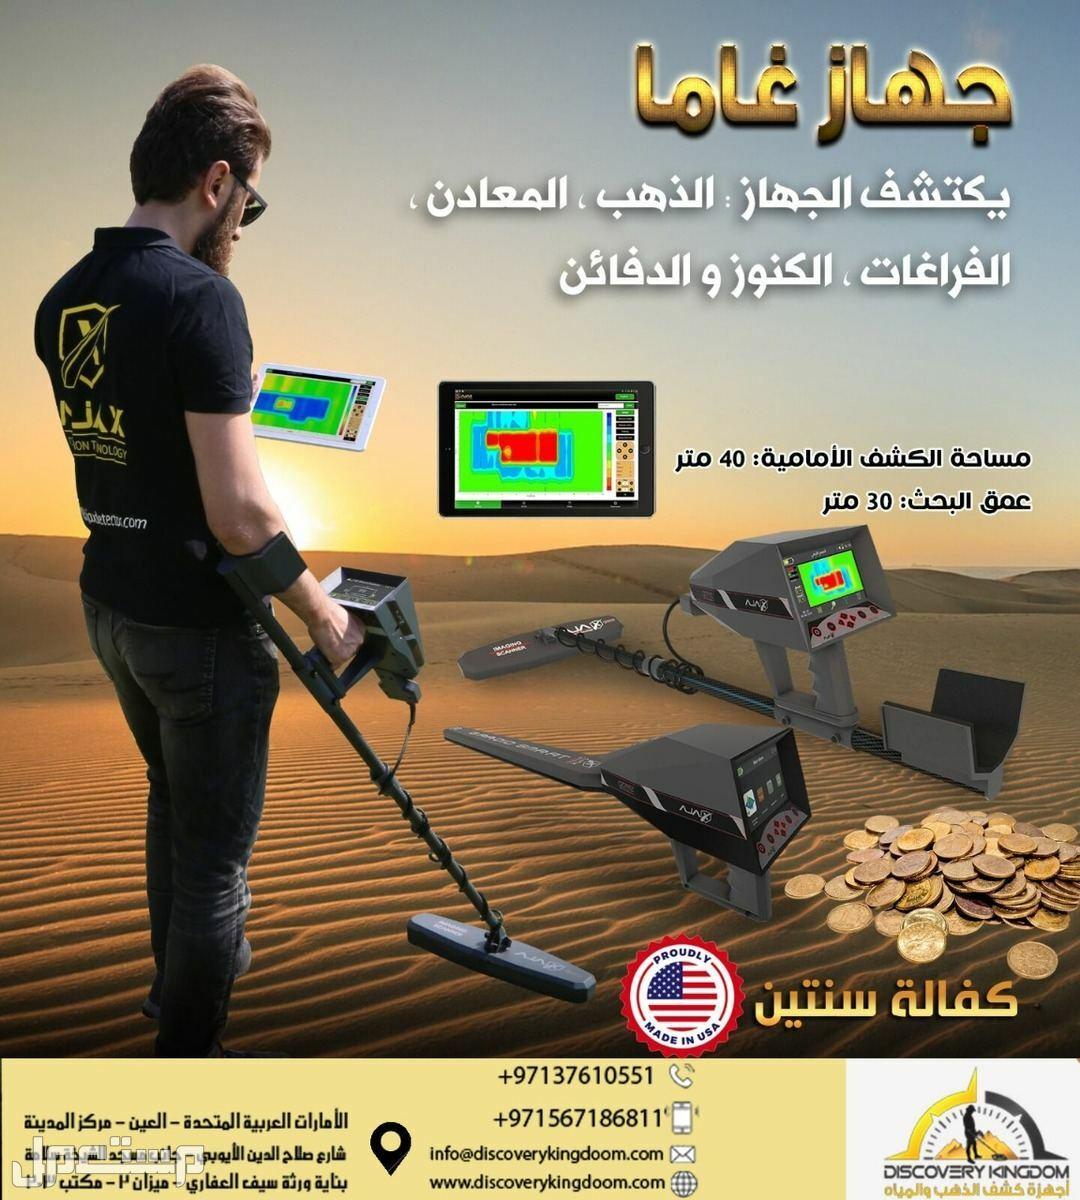 الجهاز الاول في اليمن لكشف الذهب و الدفائن _غاما